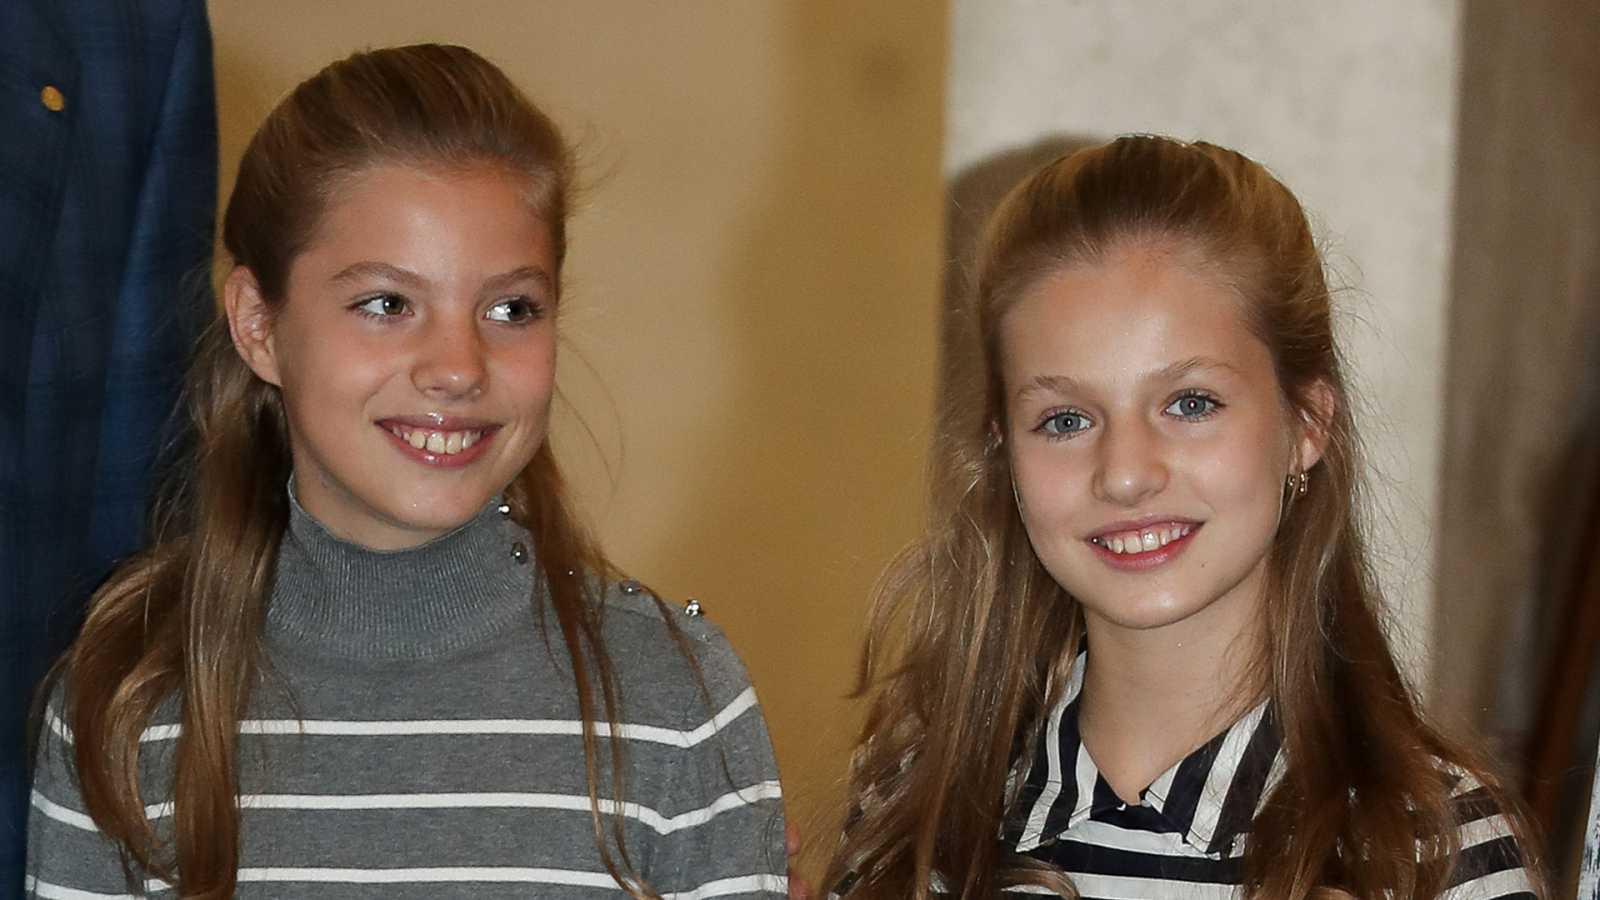 Corazón - La princesa Leonor y la infanta Sofía acuden hoy al que será su último día de clase